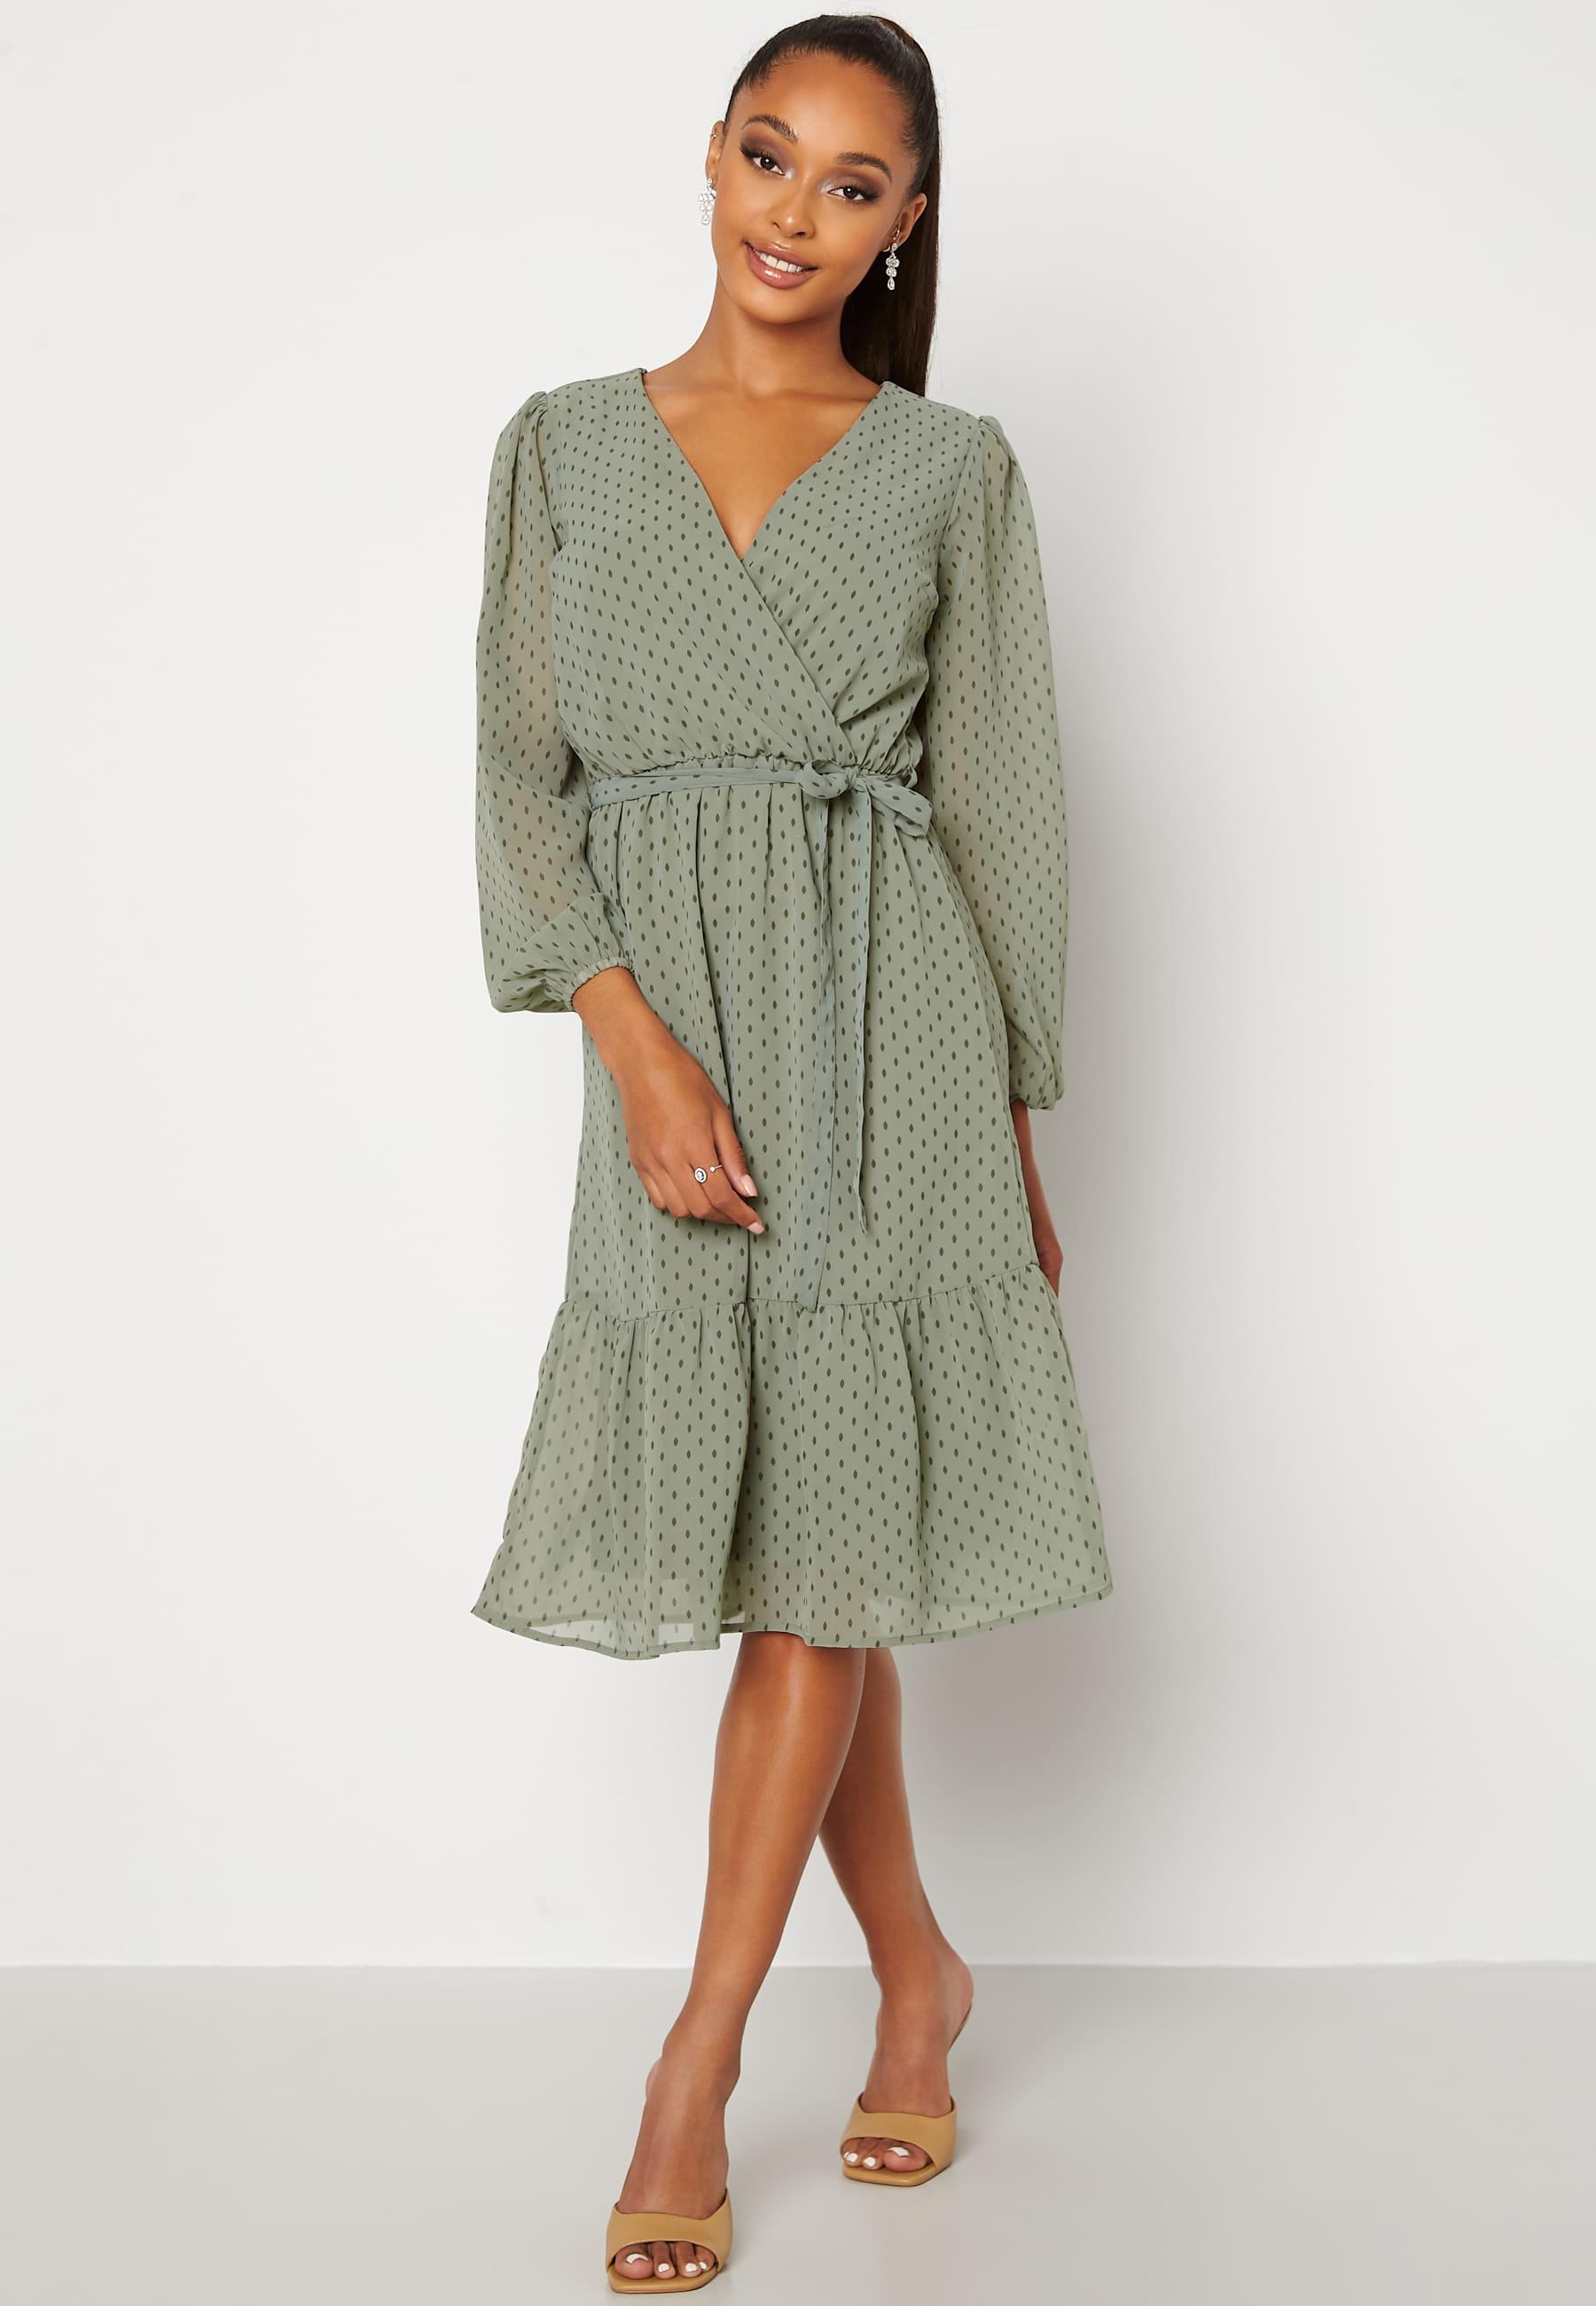 Grön prickig klänning med volang för hösten 2021